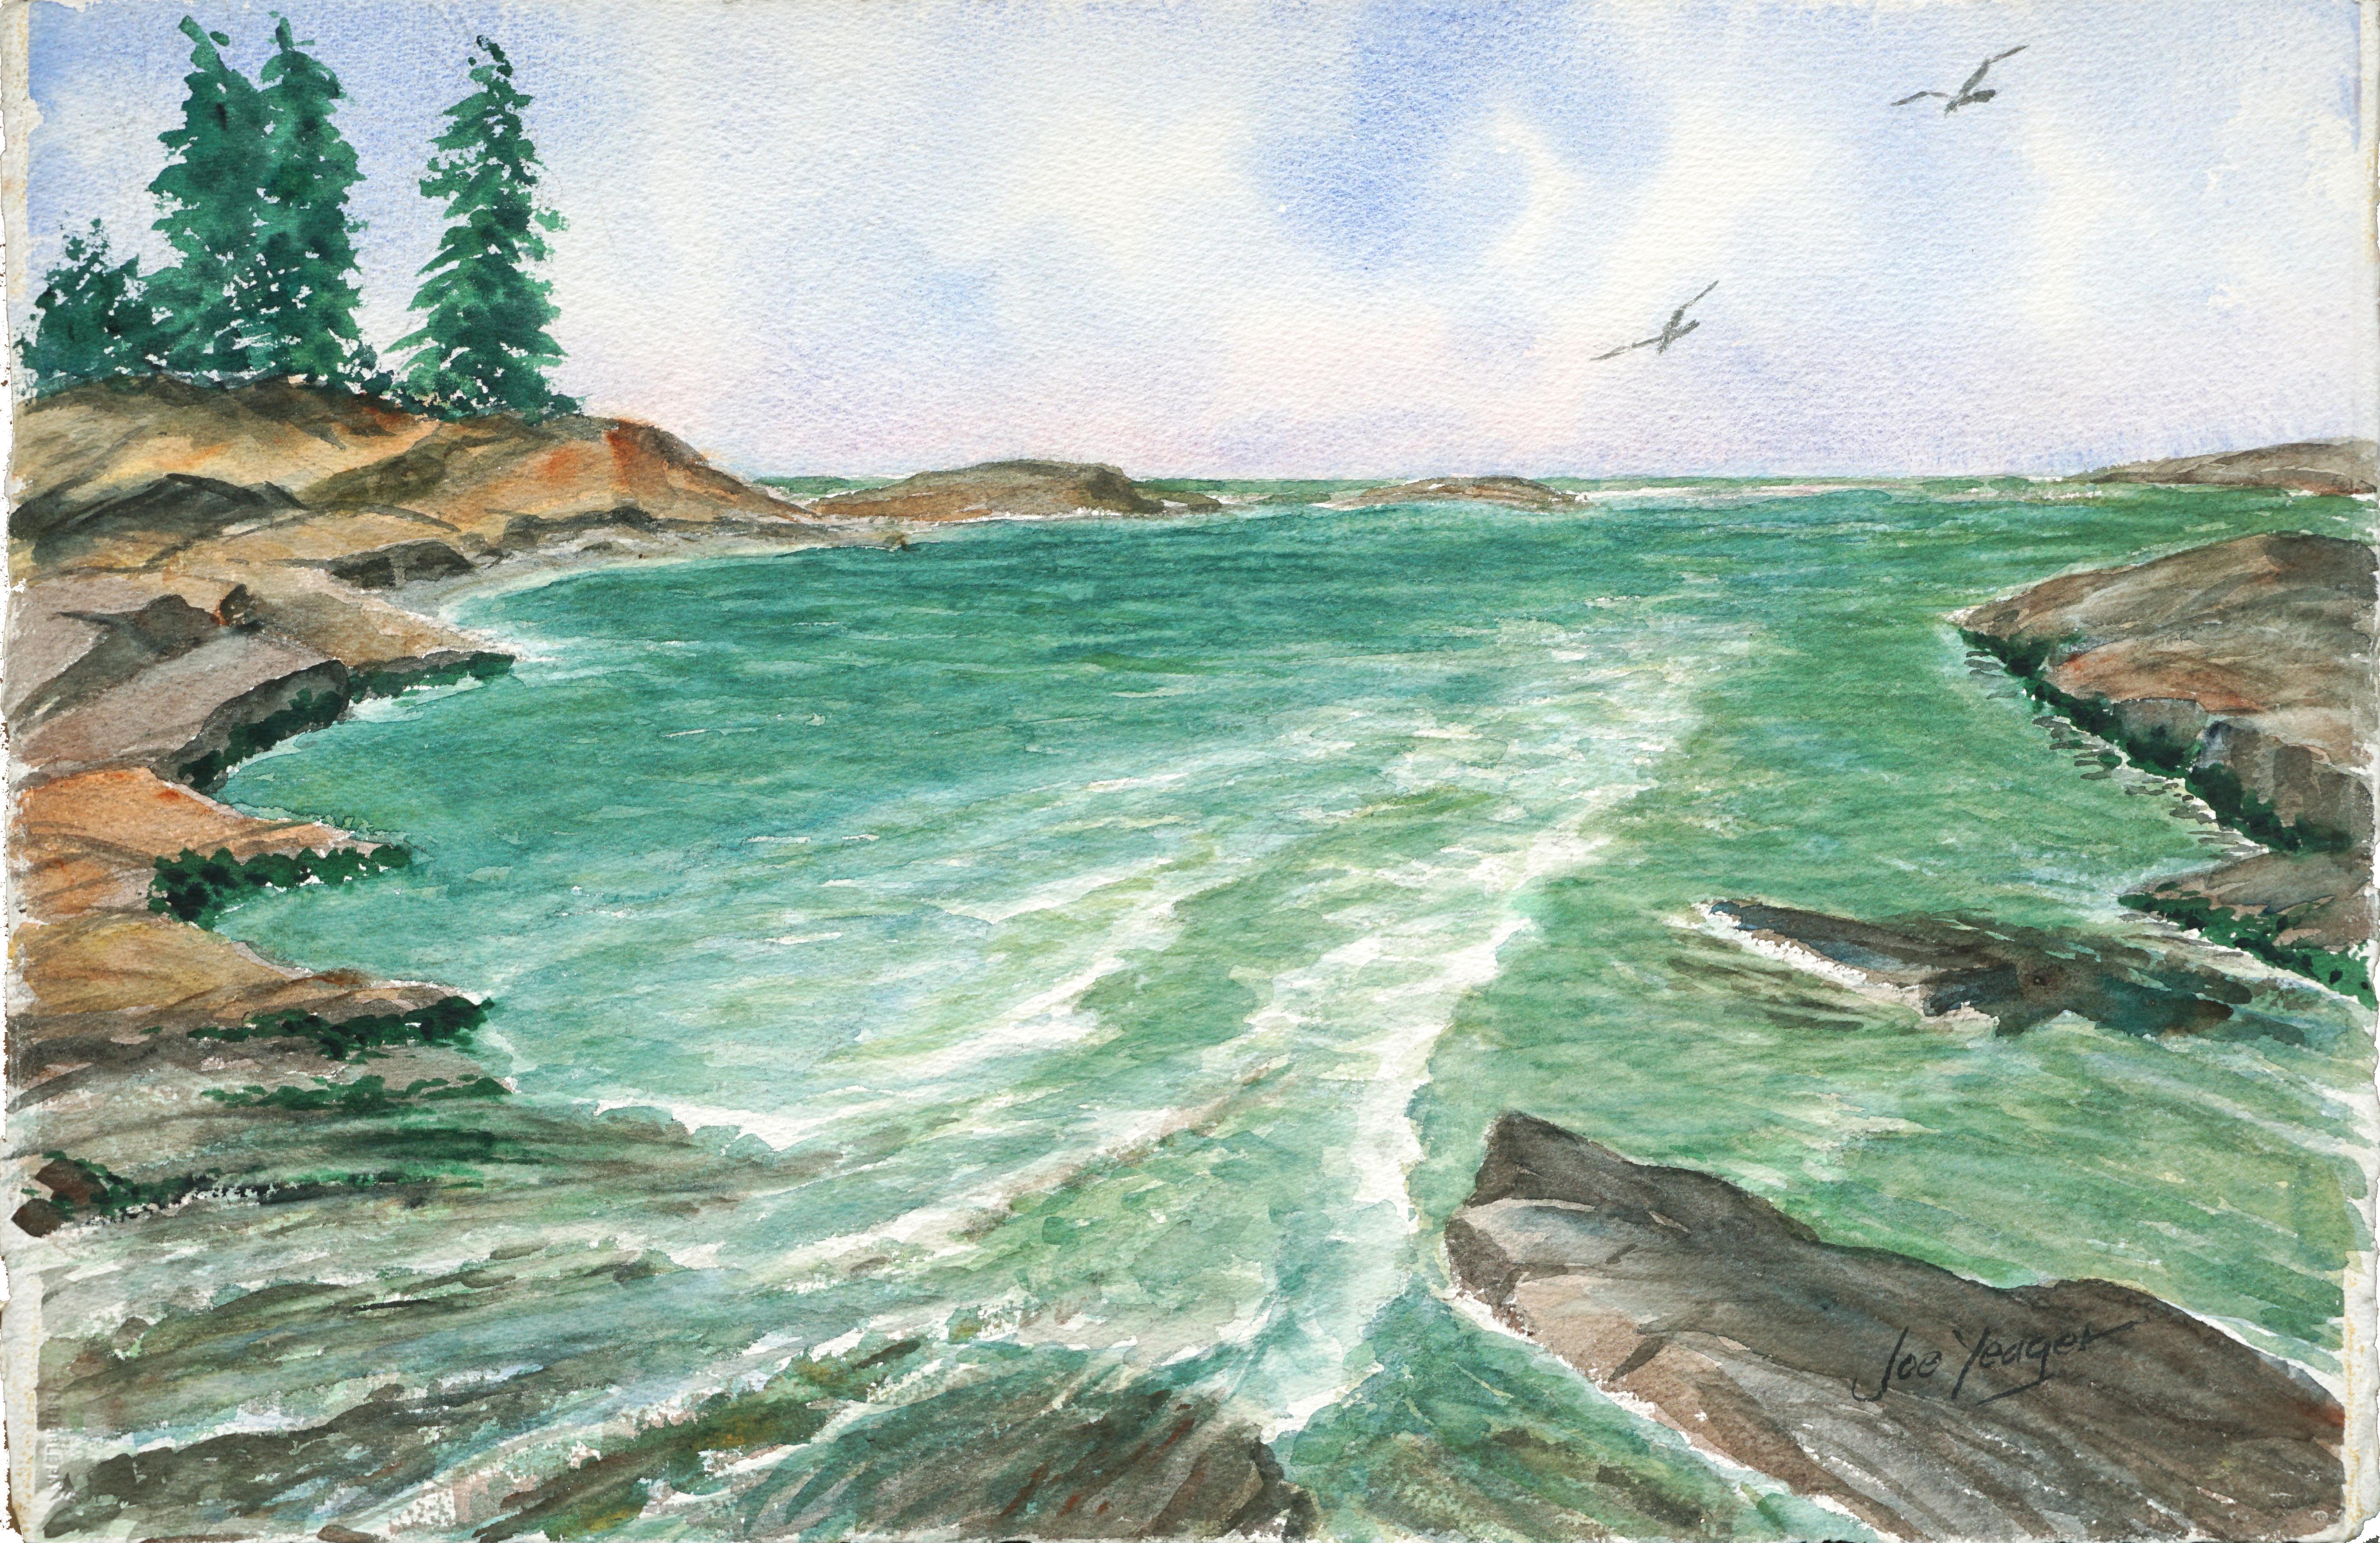 Tide Pool Runoff - Mid-Century Seascape